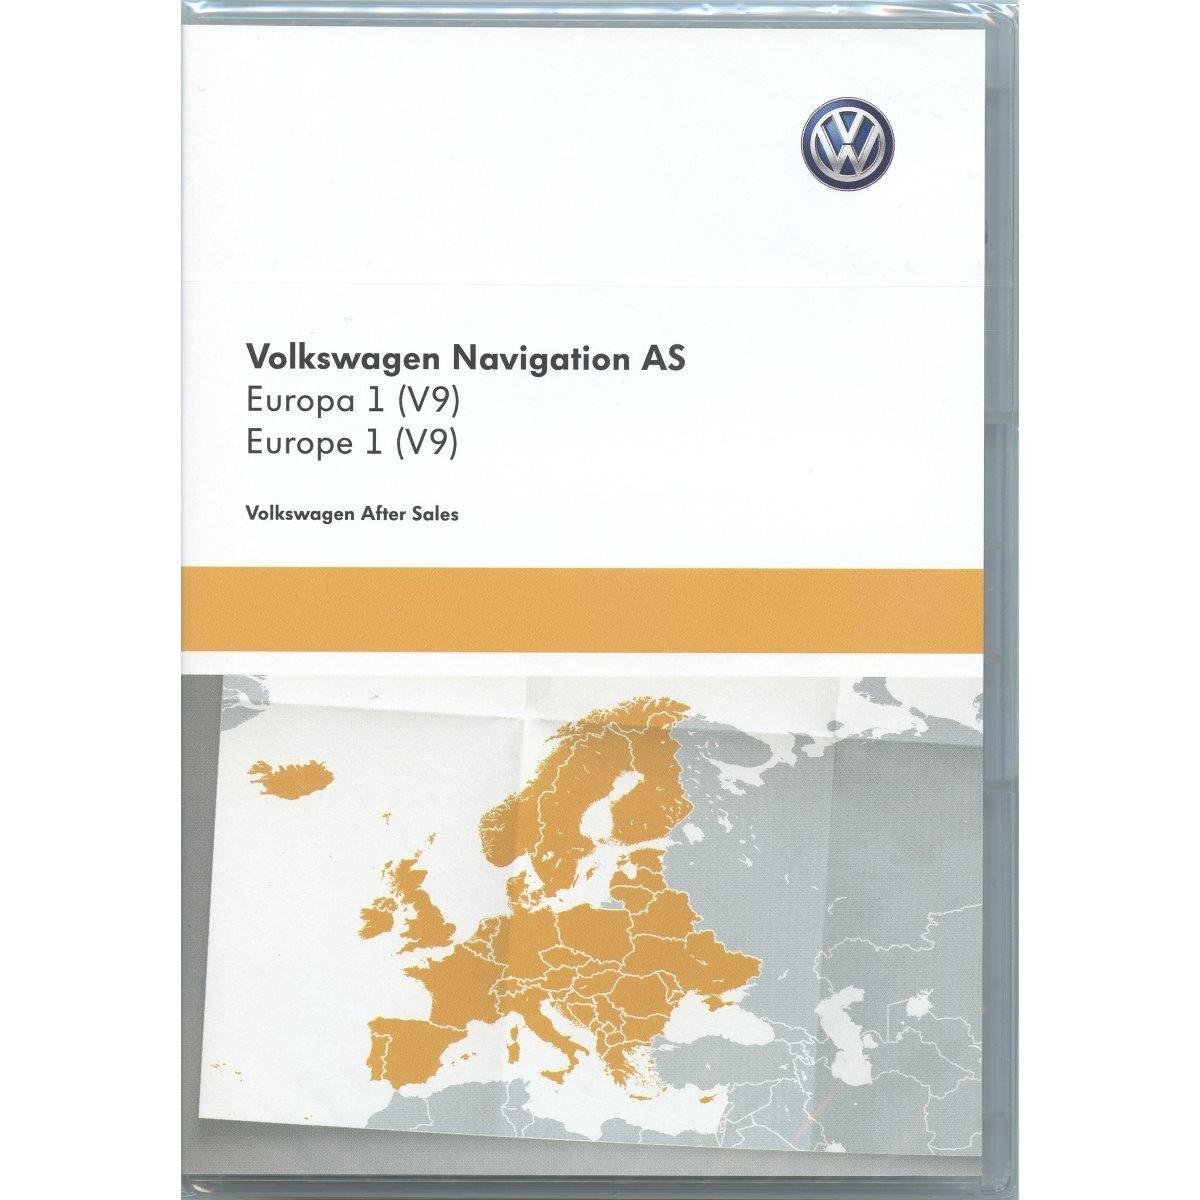 5NA919866 SD Karte Europa West V9 Navigationssystem Update Original Navi Kartendaten *** Discover Media (System AS) *** Unbekannt